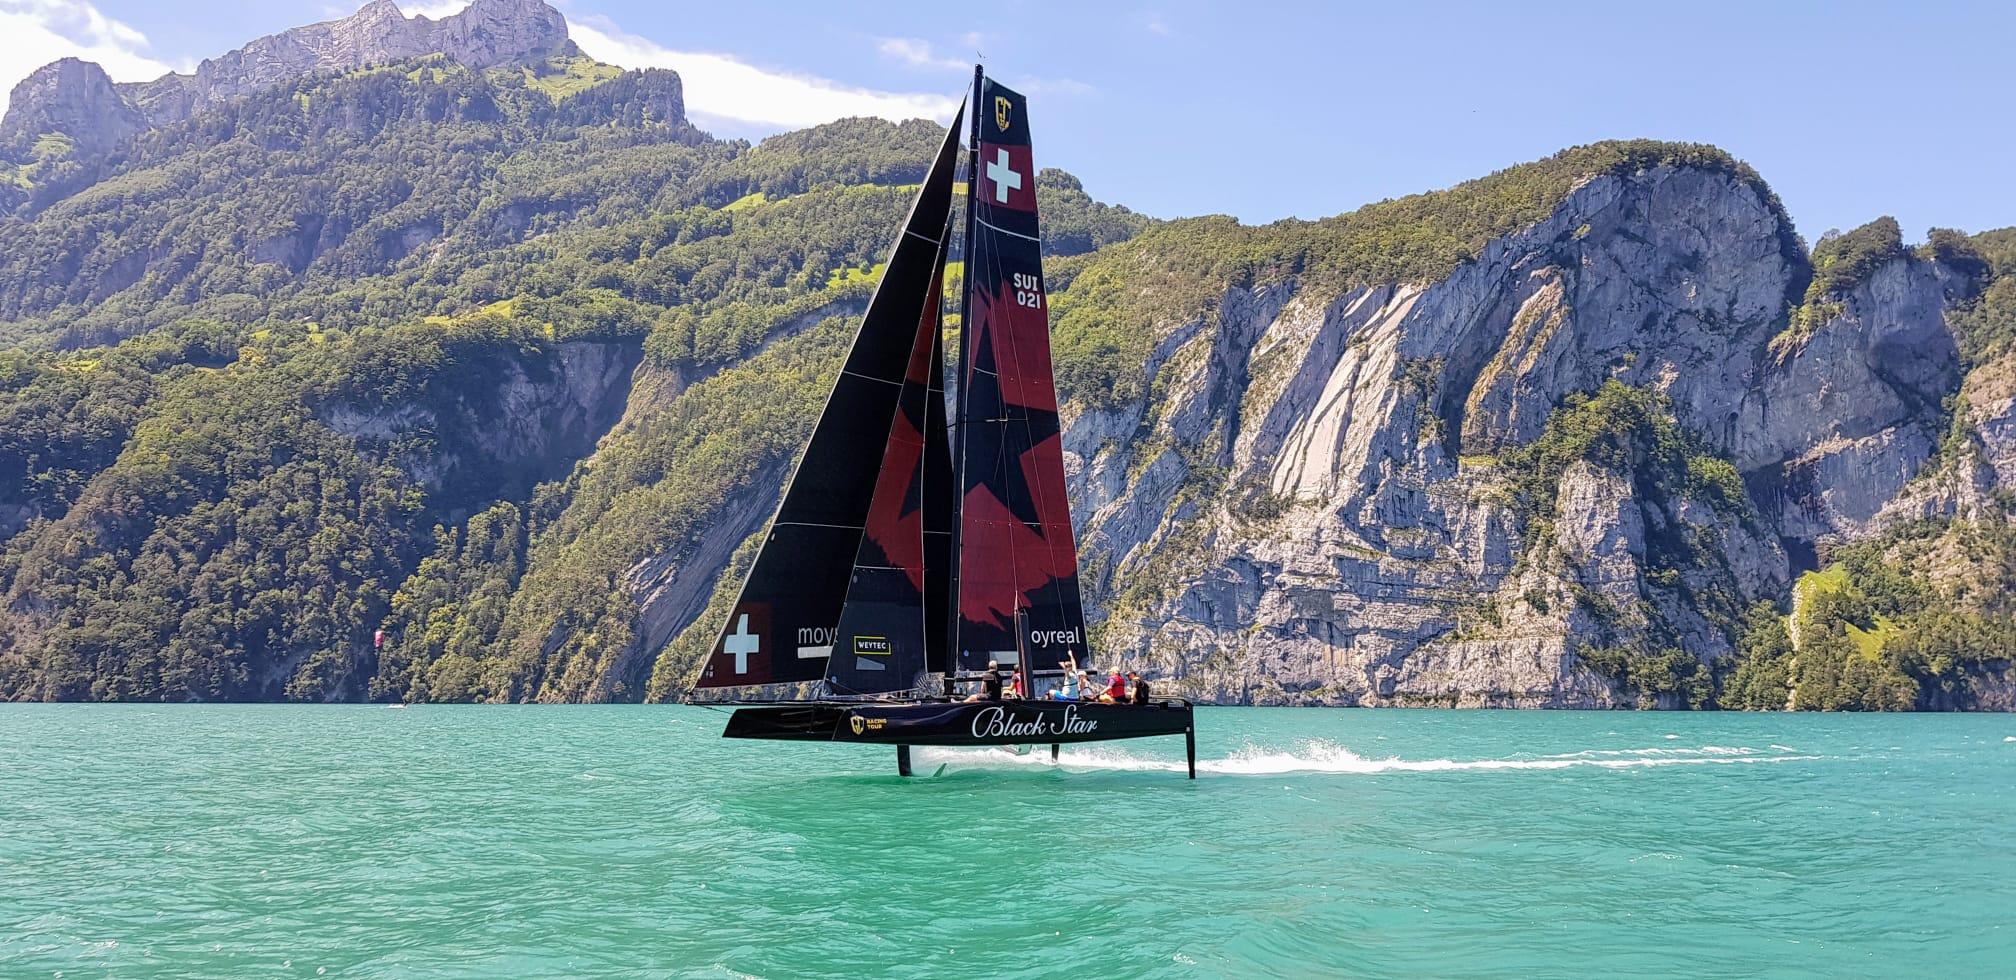 BlackStar-Guest-Sailing_2020_06